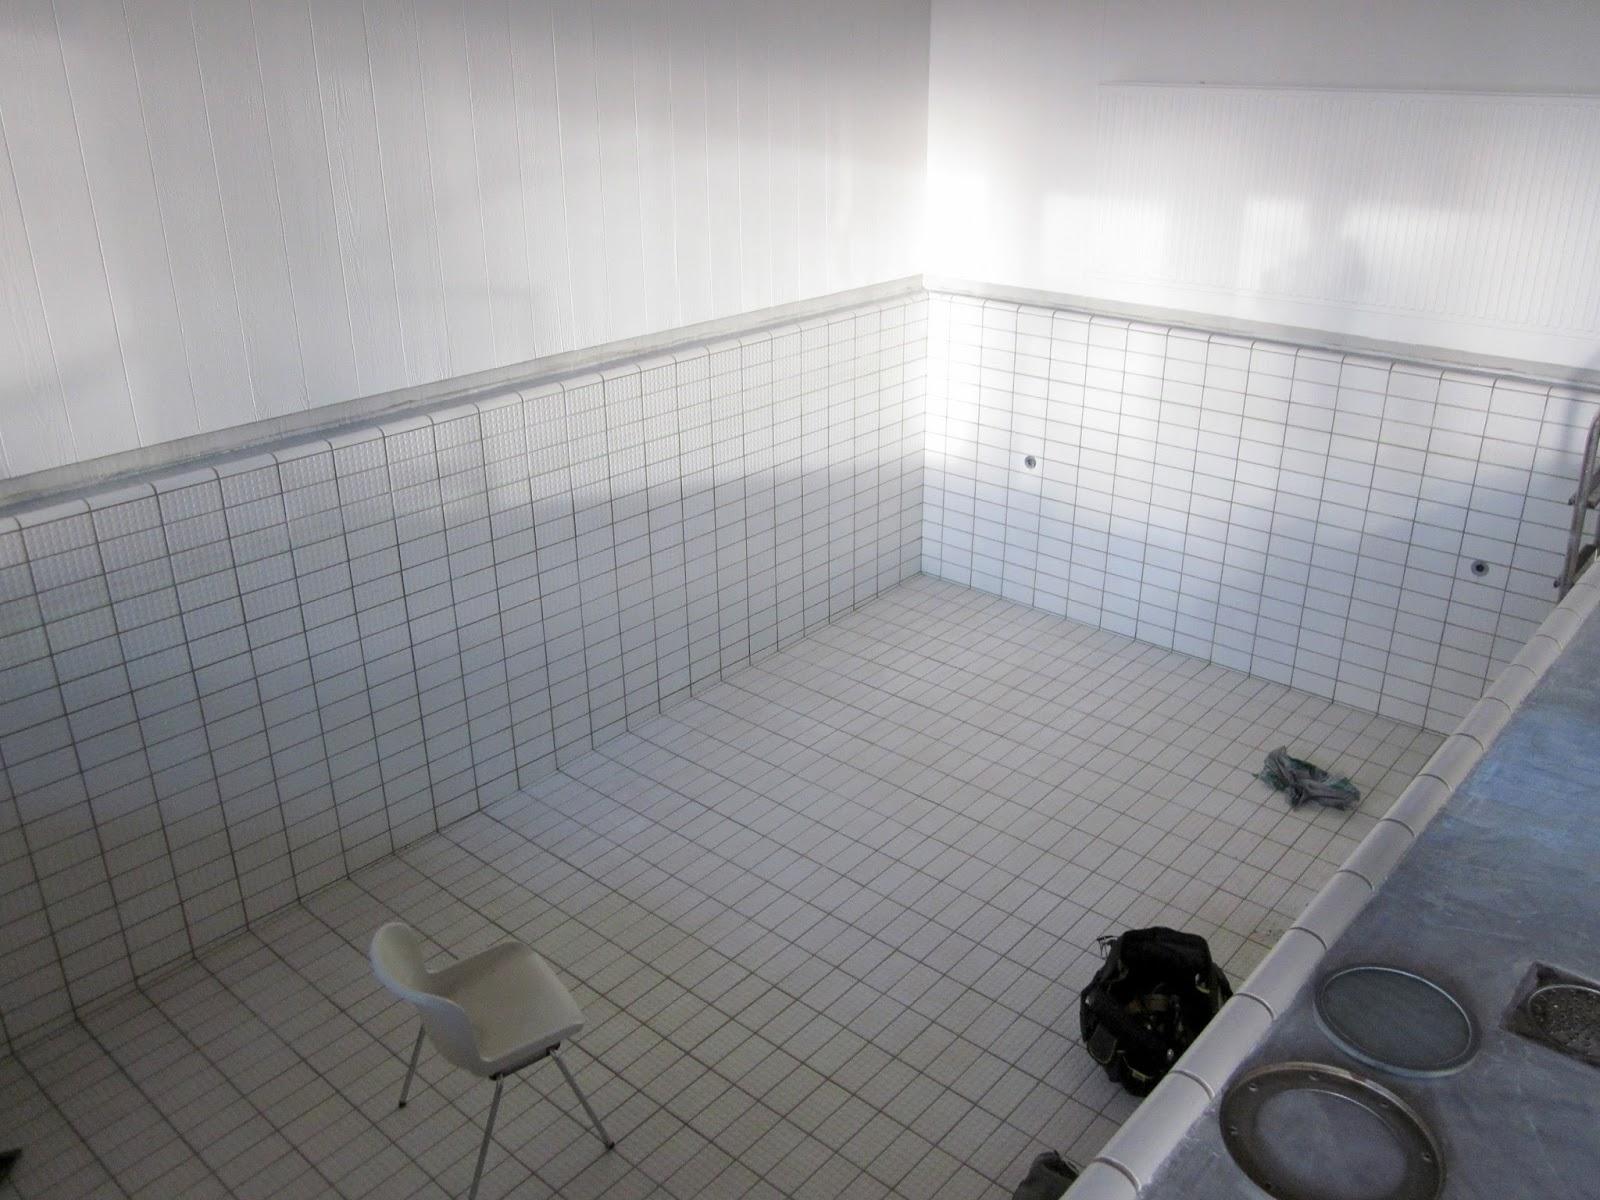 Kylpyhuoneen Laattojen Irroitus